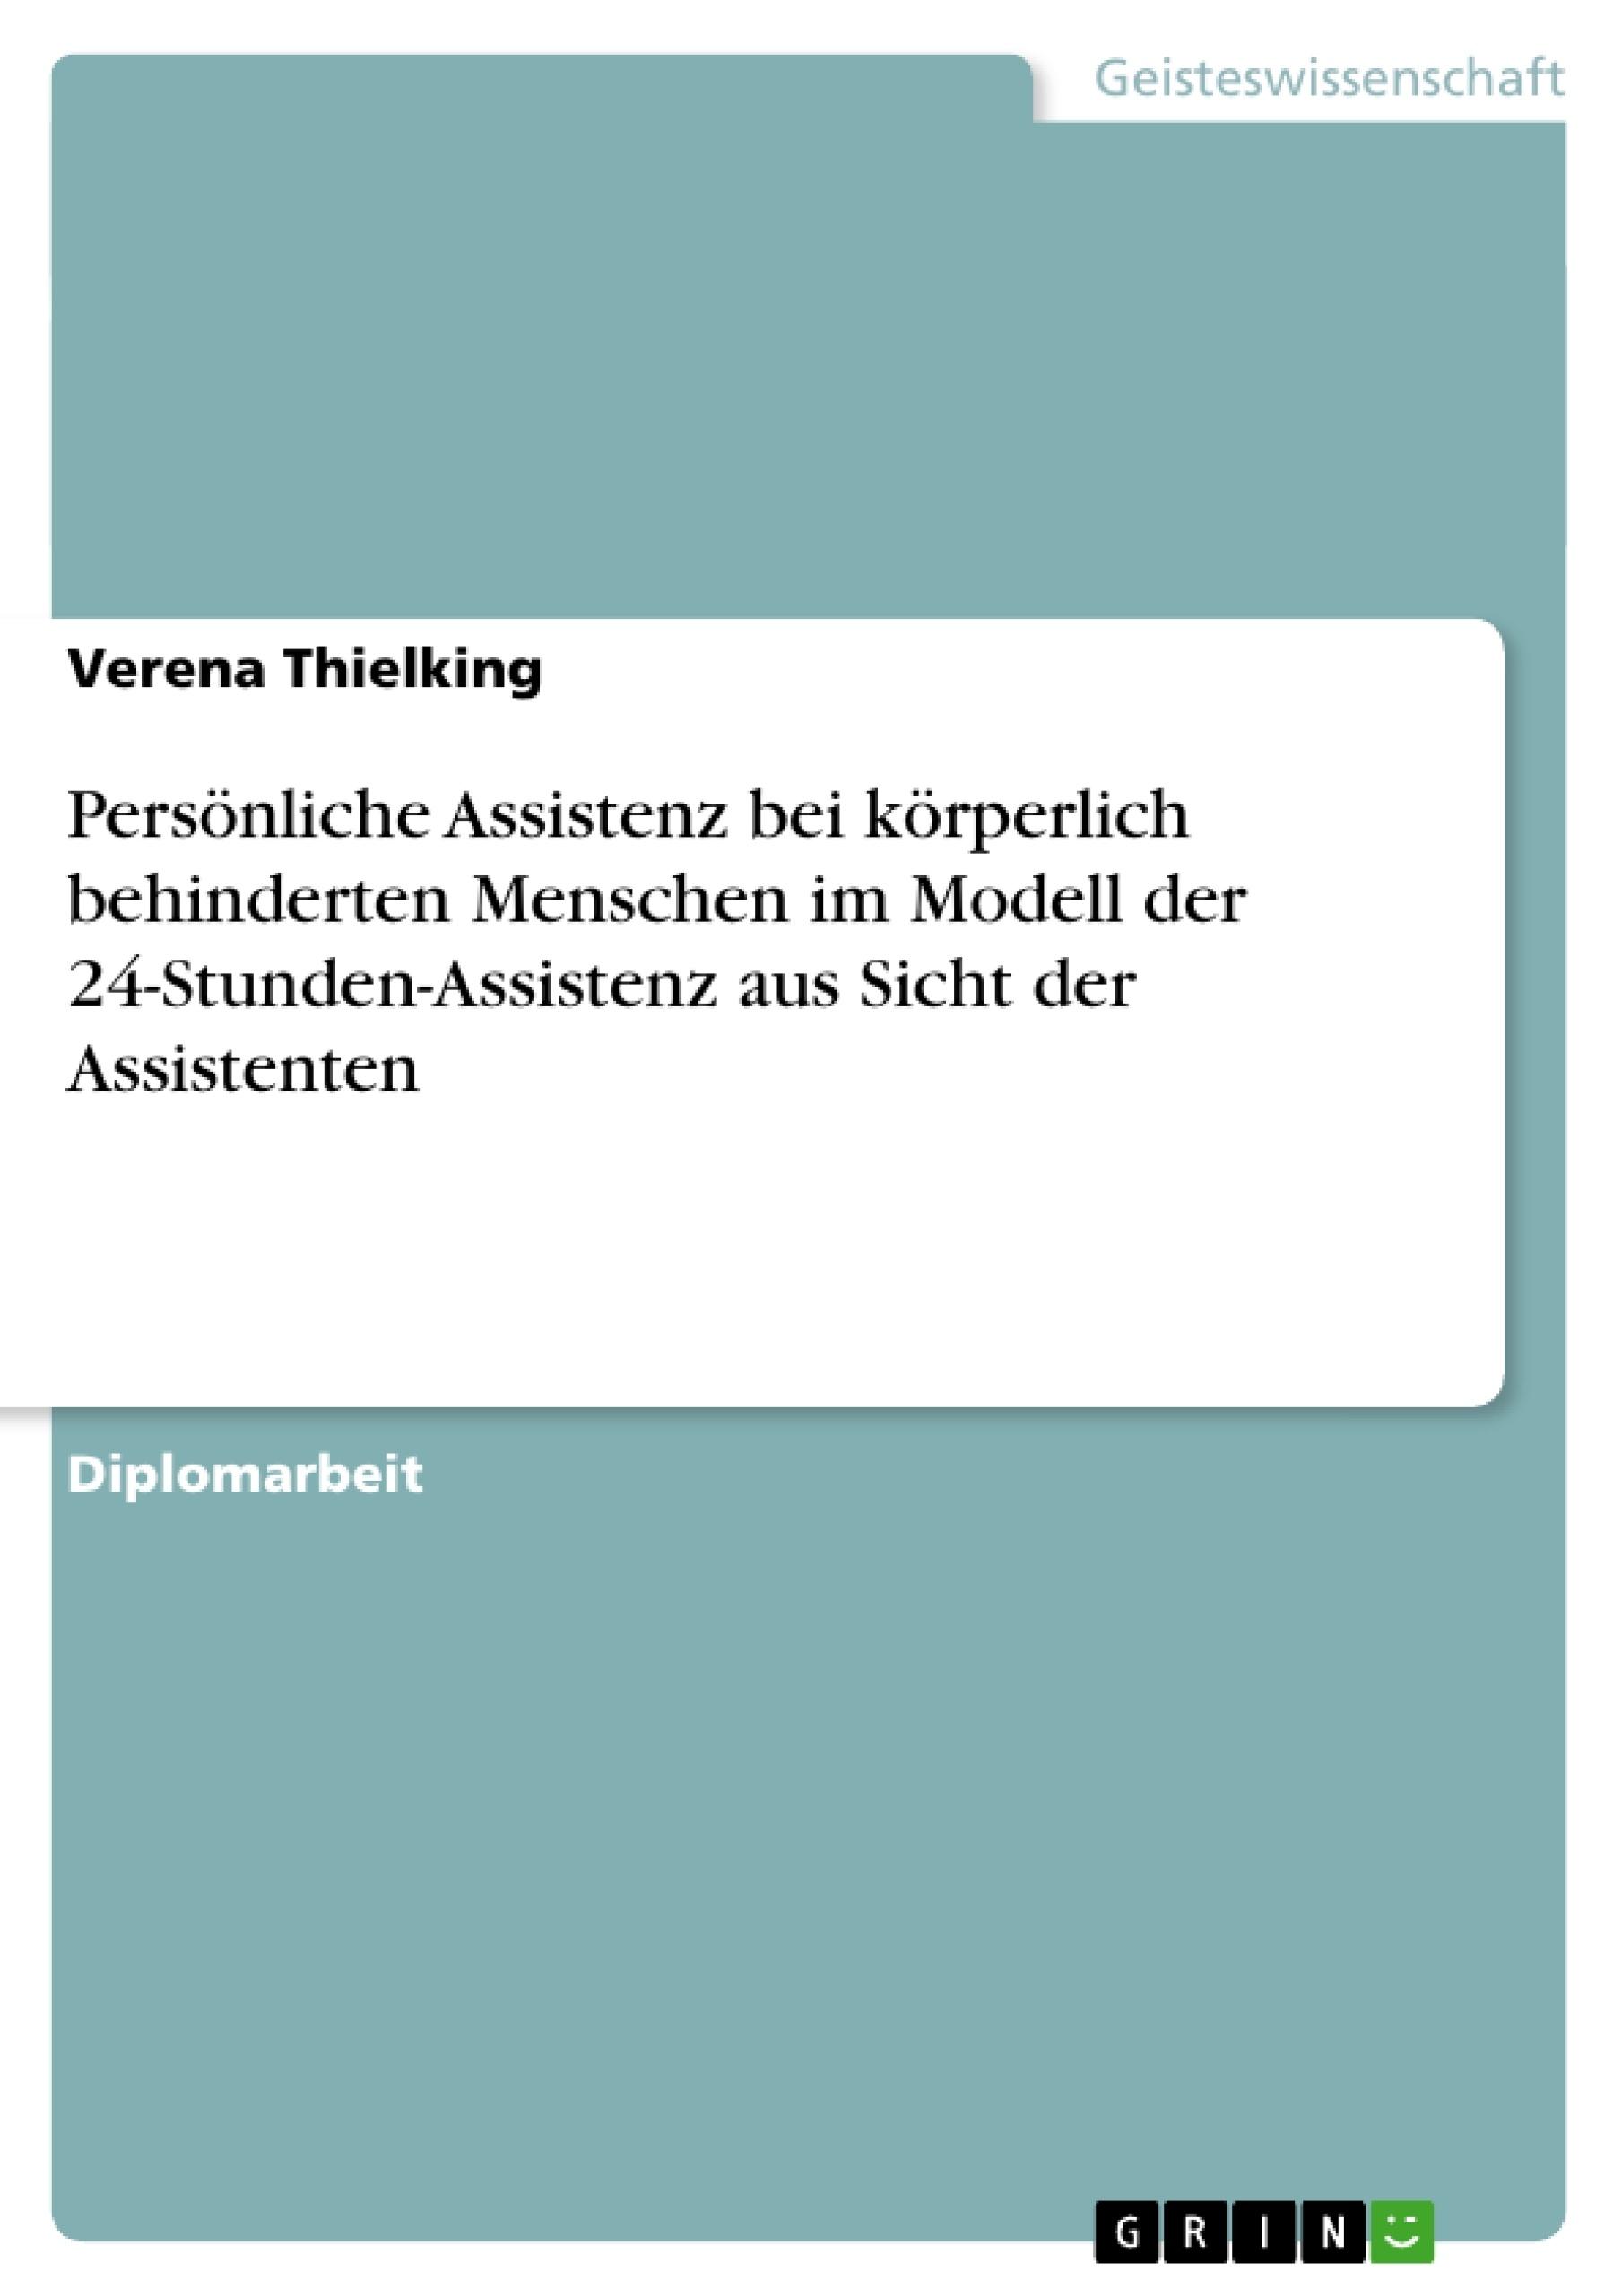 Titel: Persönliche Assistenz bei körperlich behinderten Menschen im Modell der 24-Stunden-Assistenz aus Sicht der Assistenten